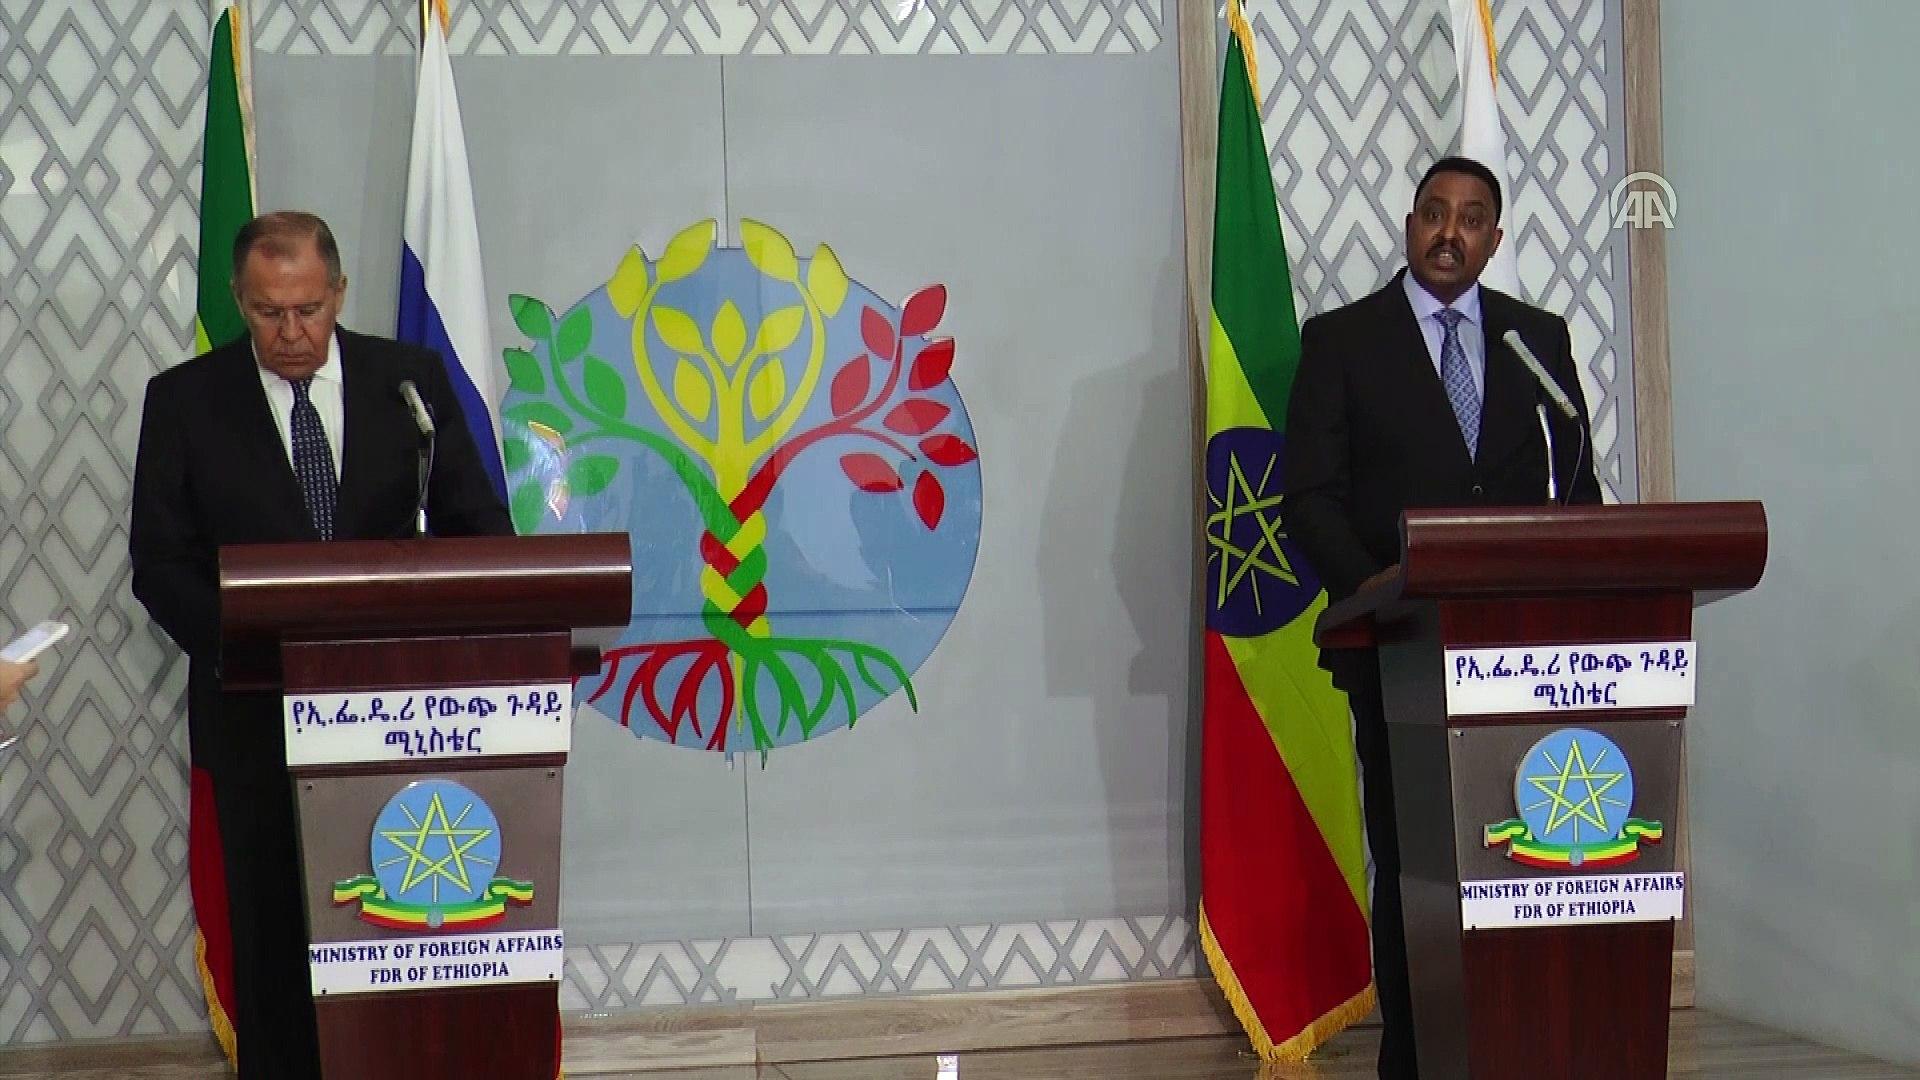 Rusya Etiyopya'da nükleer araştırma merkezi açacak - ADDİS ABABA